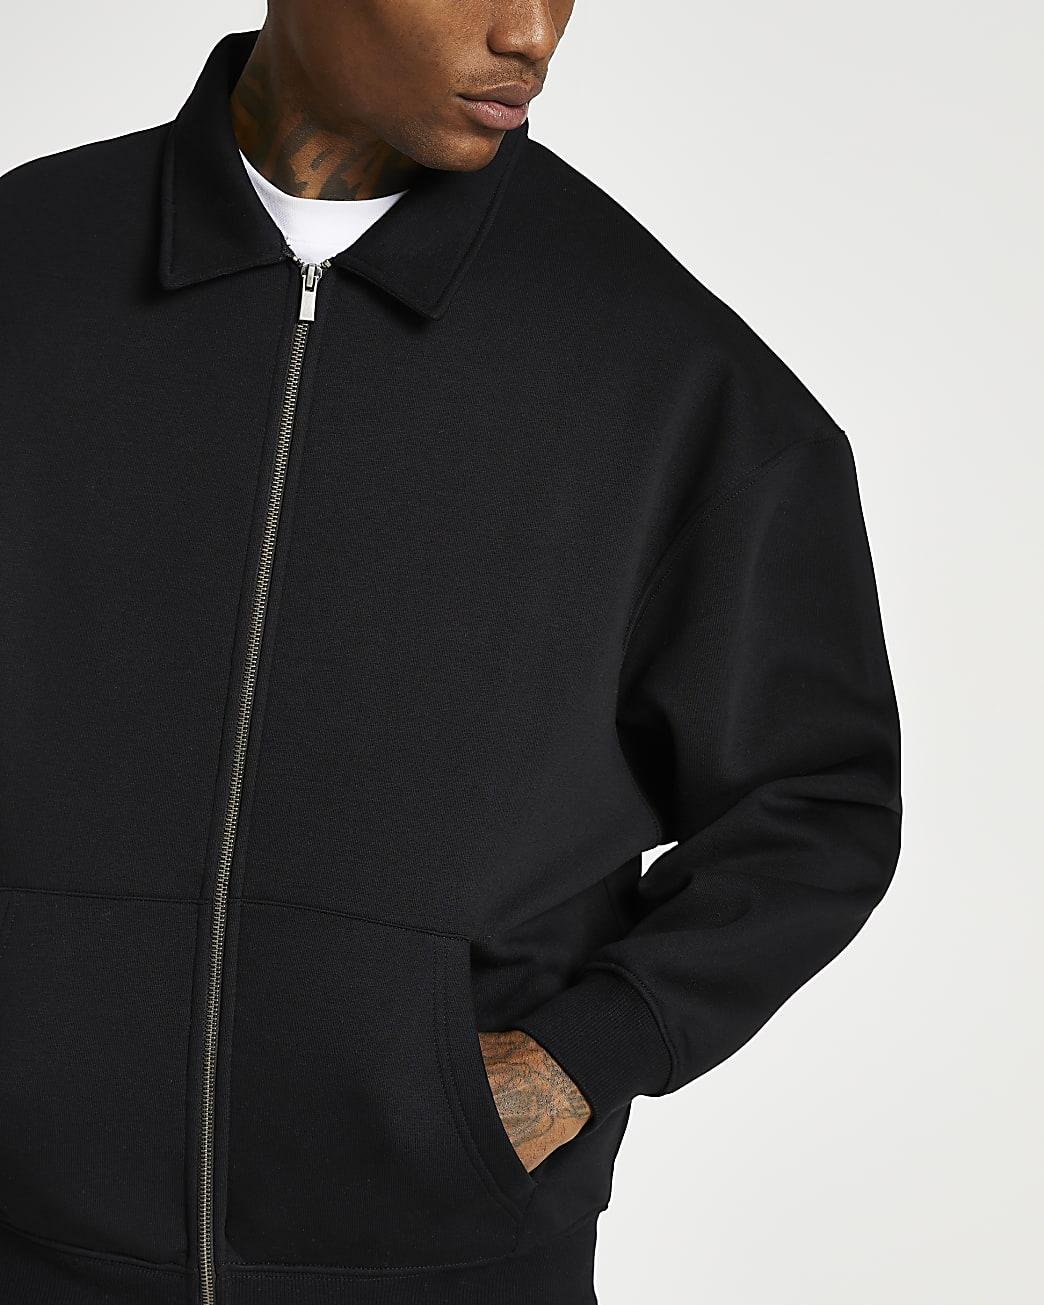 Black oversized shacket